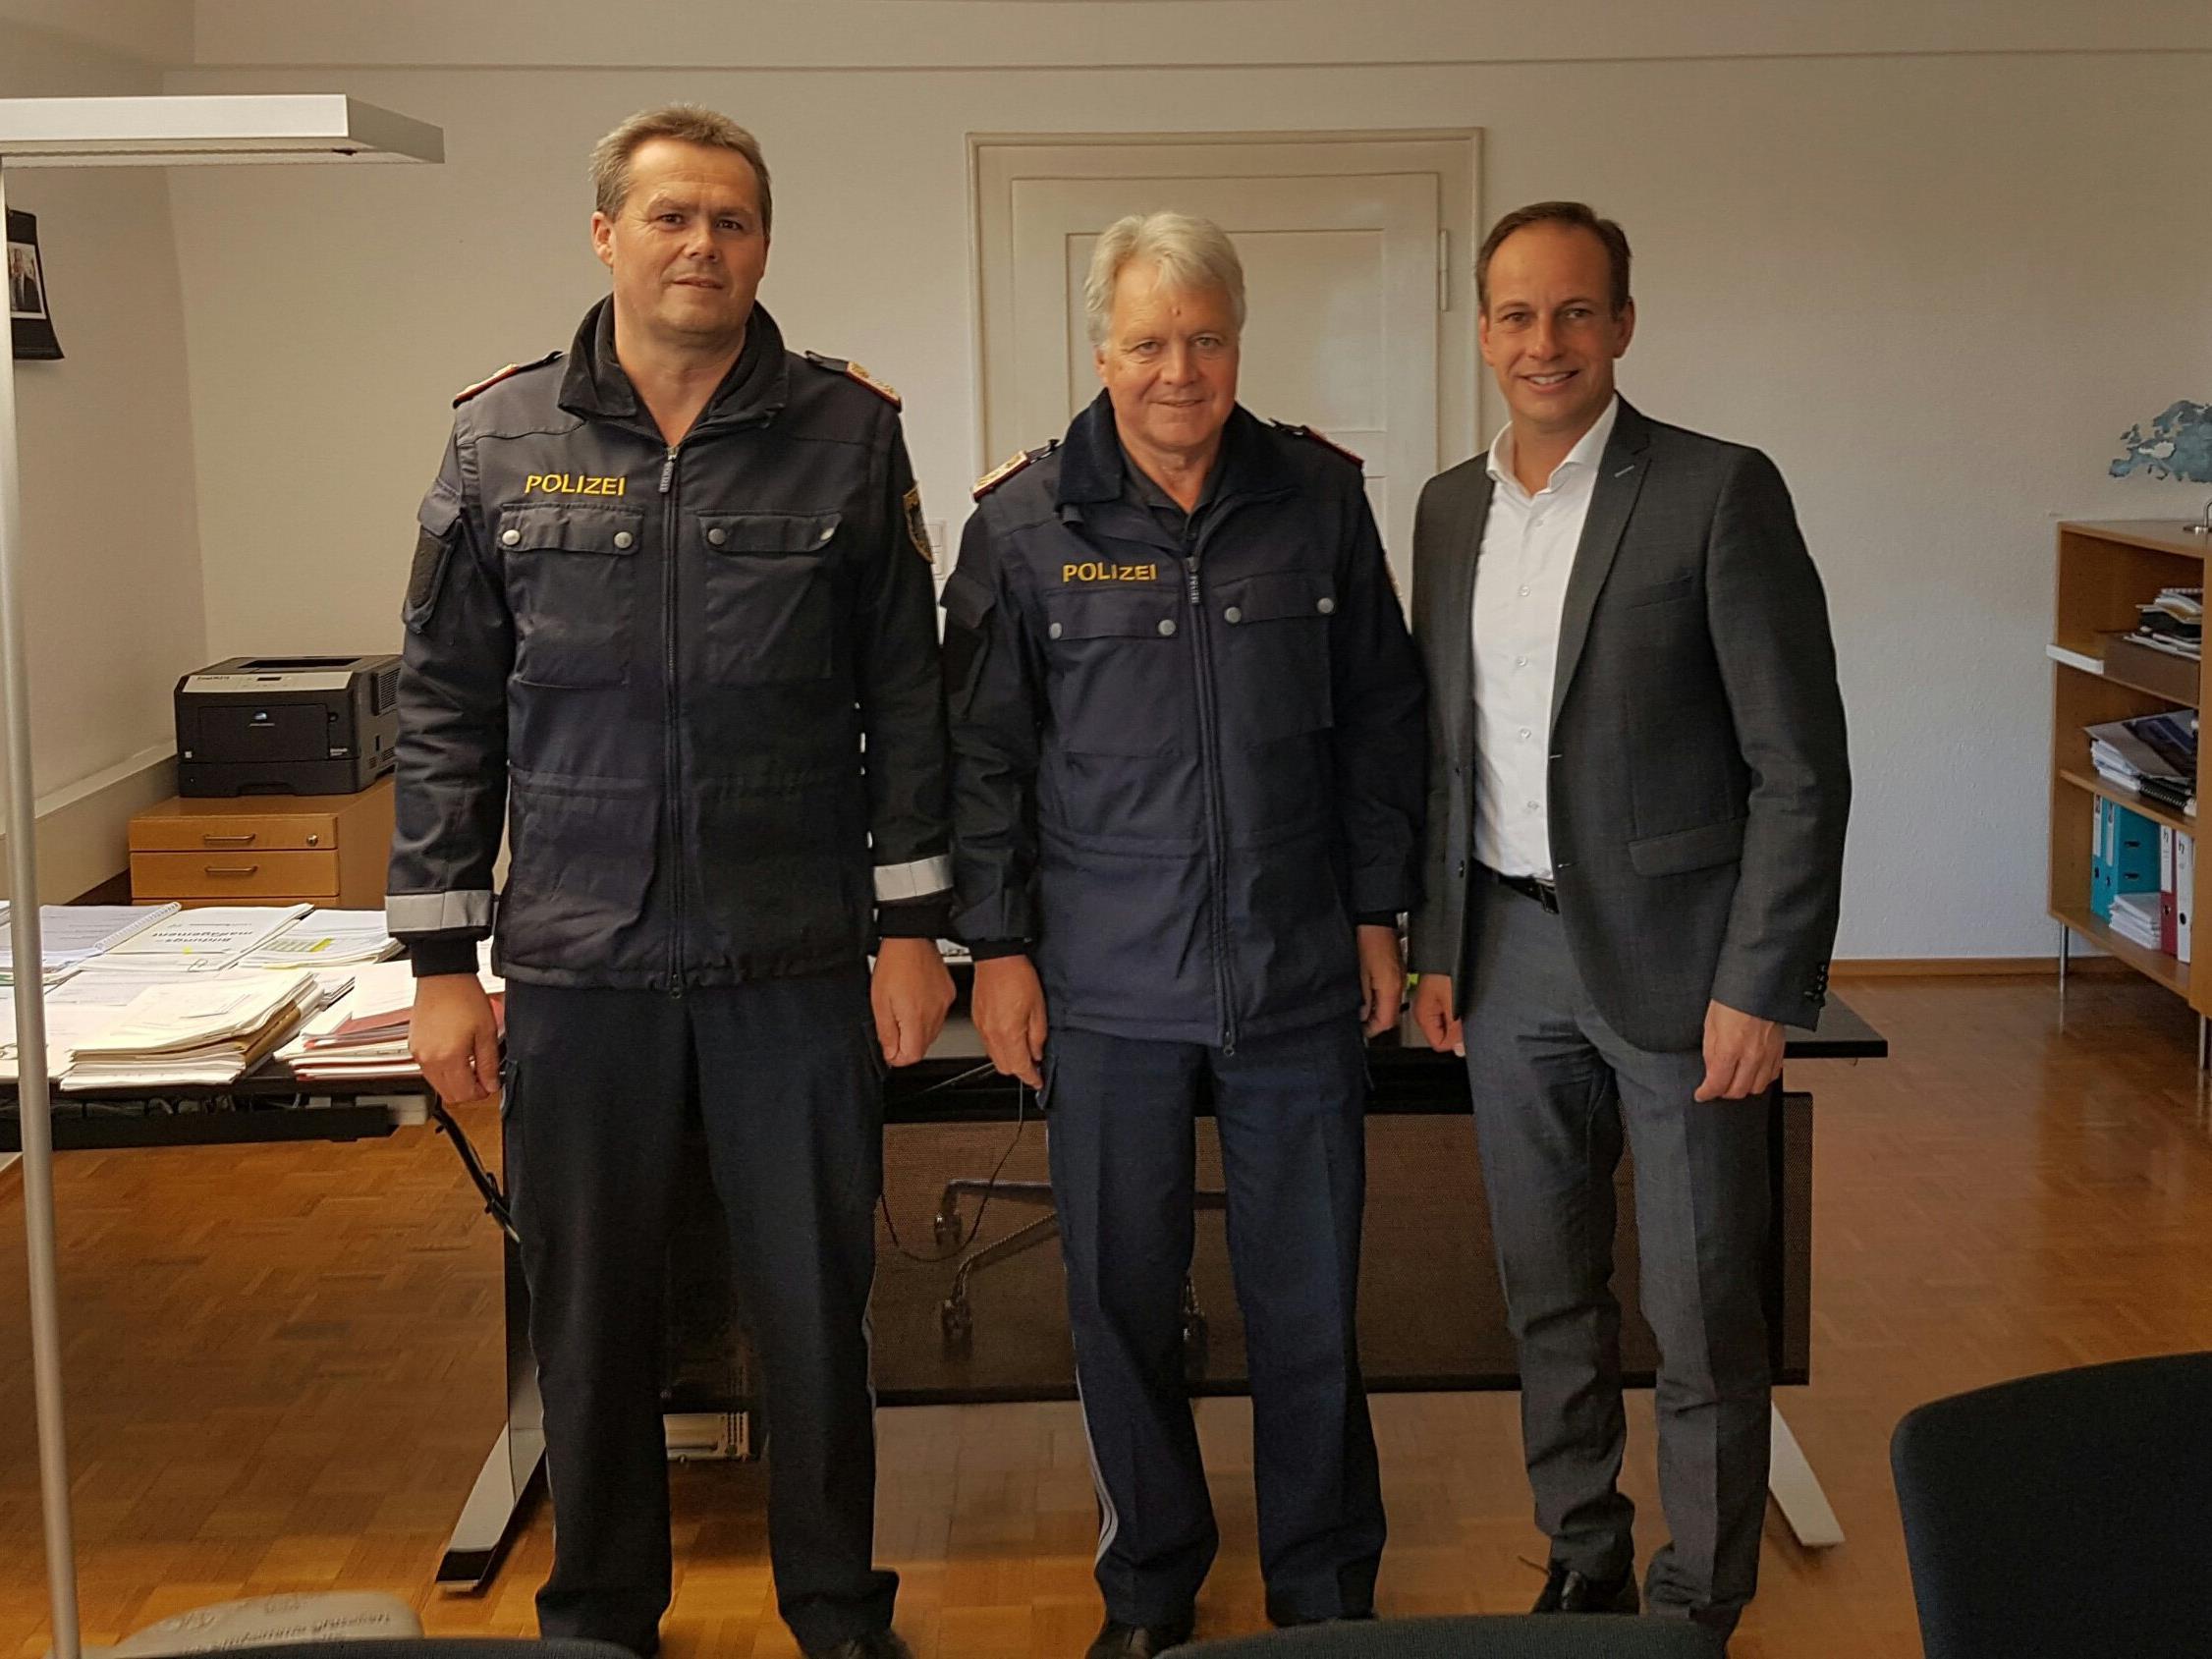 v. l. Helmut Loacker, Günther Manahl, Bürgermeister Dieter Egger